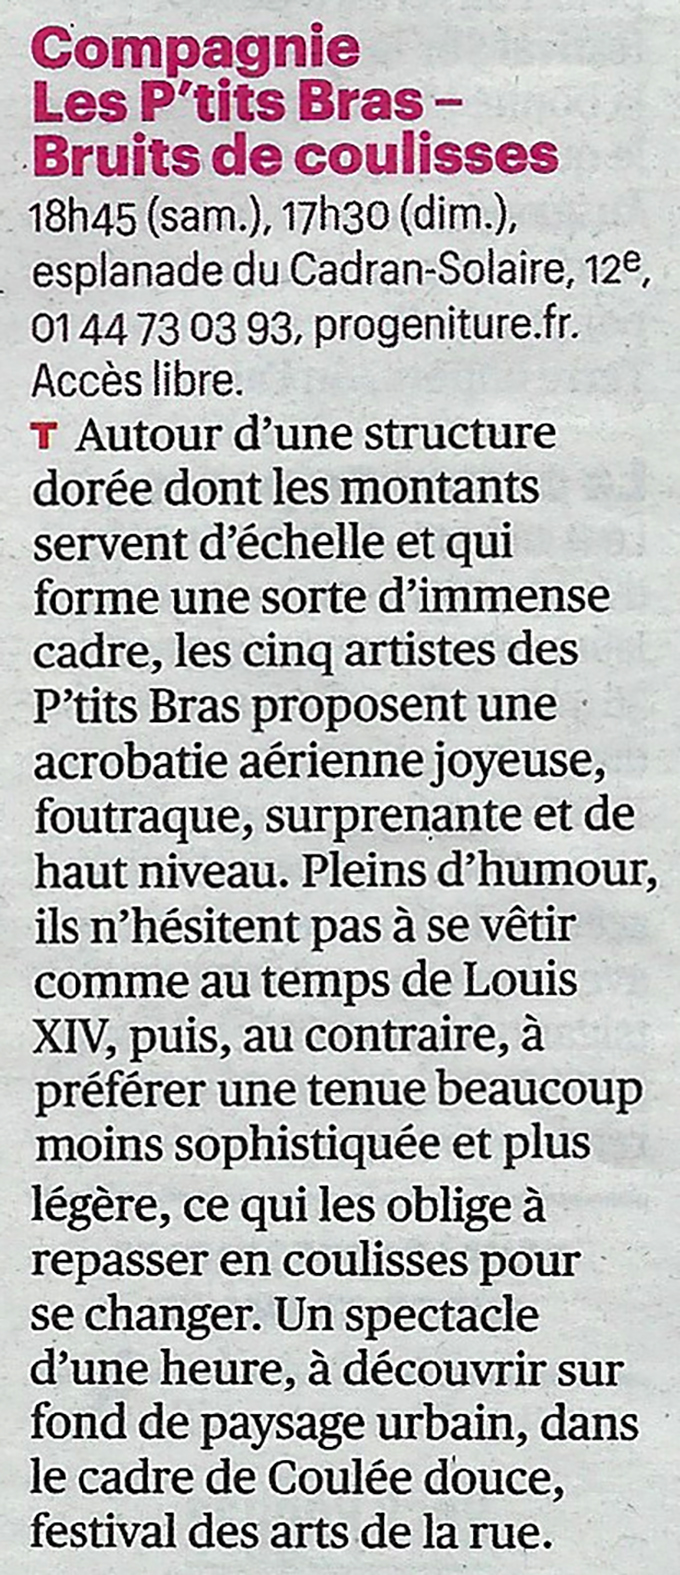 Festival Coulée Douce - Arts de la Rue - Presse